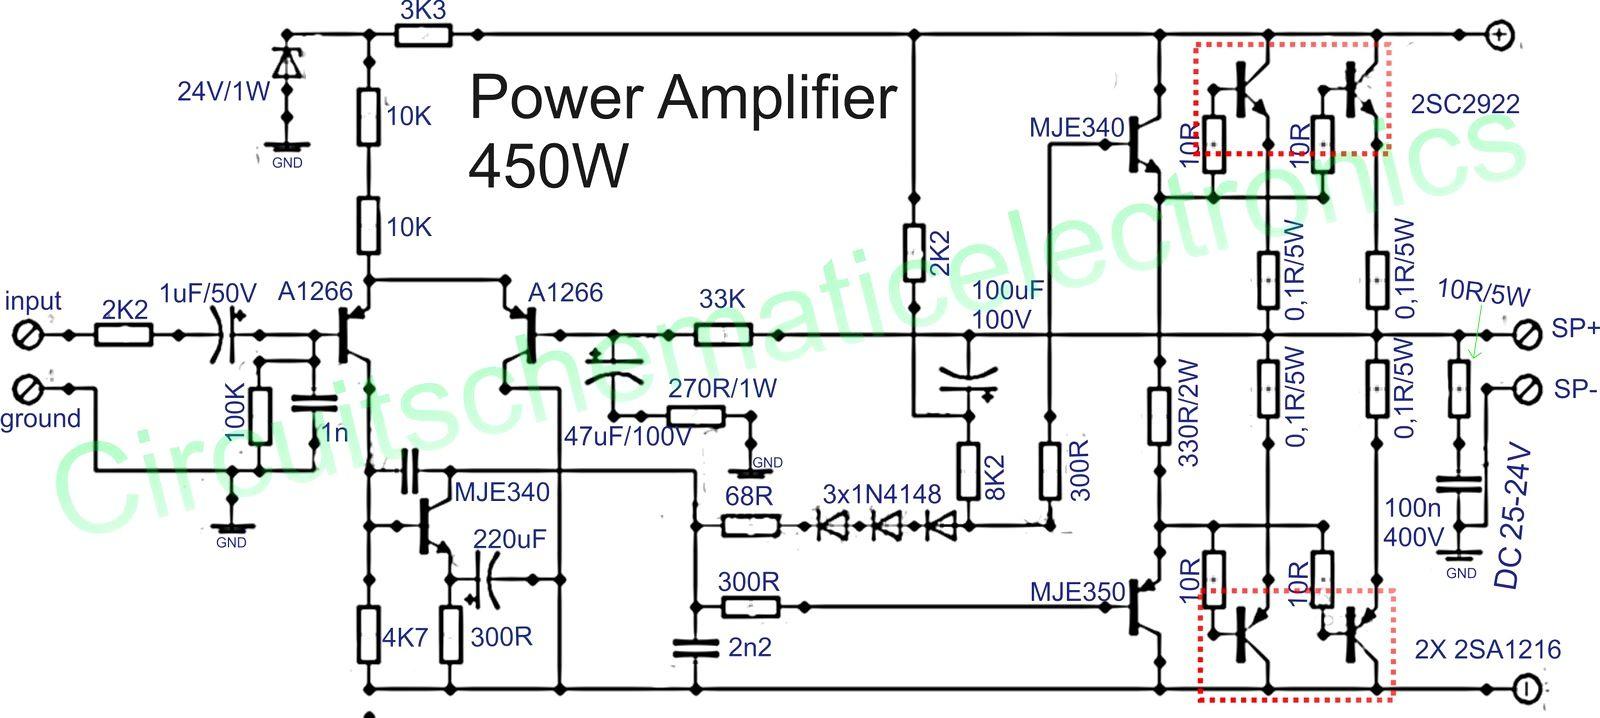 componente amplificador de udio circuito p gina 16. Black Bedroom Furniture Sets. Home Design Ideas